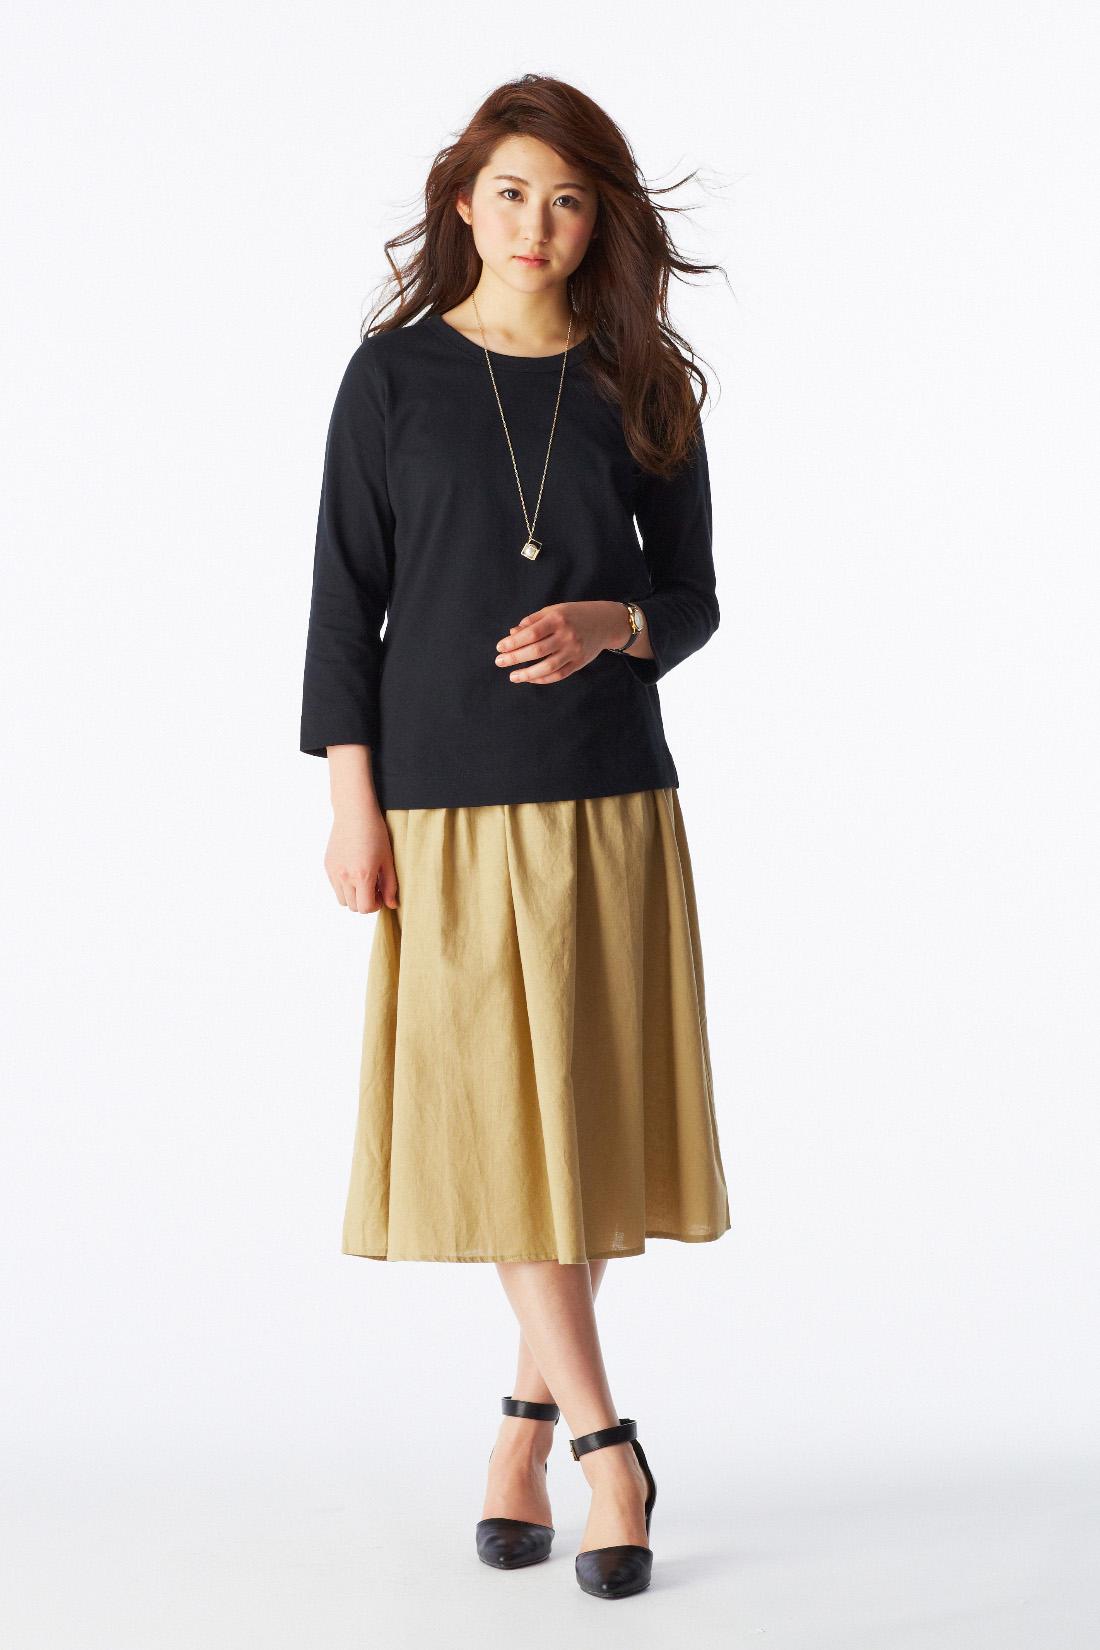 何枚でも欲しくなるベーシックなTシャツは、フェミニンなスカートに重ねたエフォートレスコーデが気分。アーバンモードな小物を選んで全体をモードに引き締めて。 ※着用イメージです。お届けカラーとは異なります。